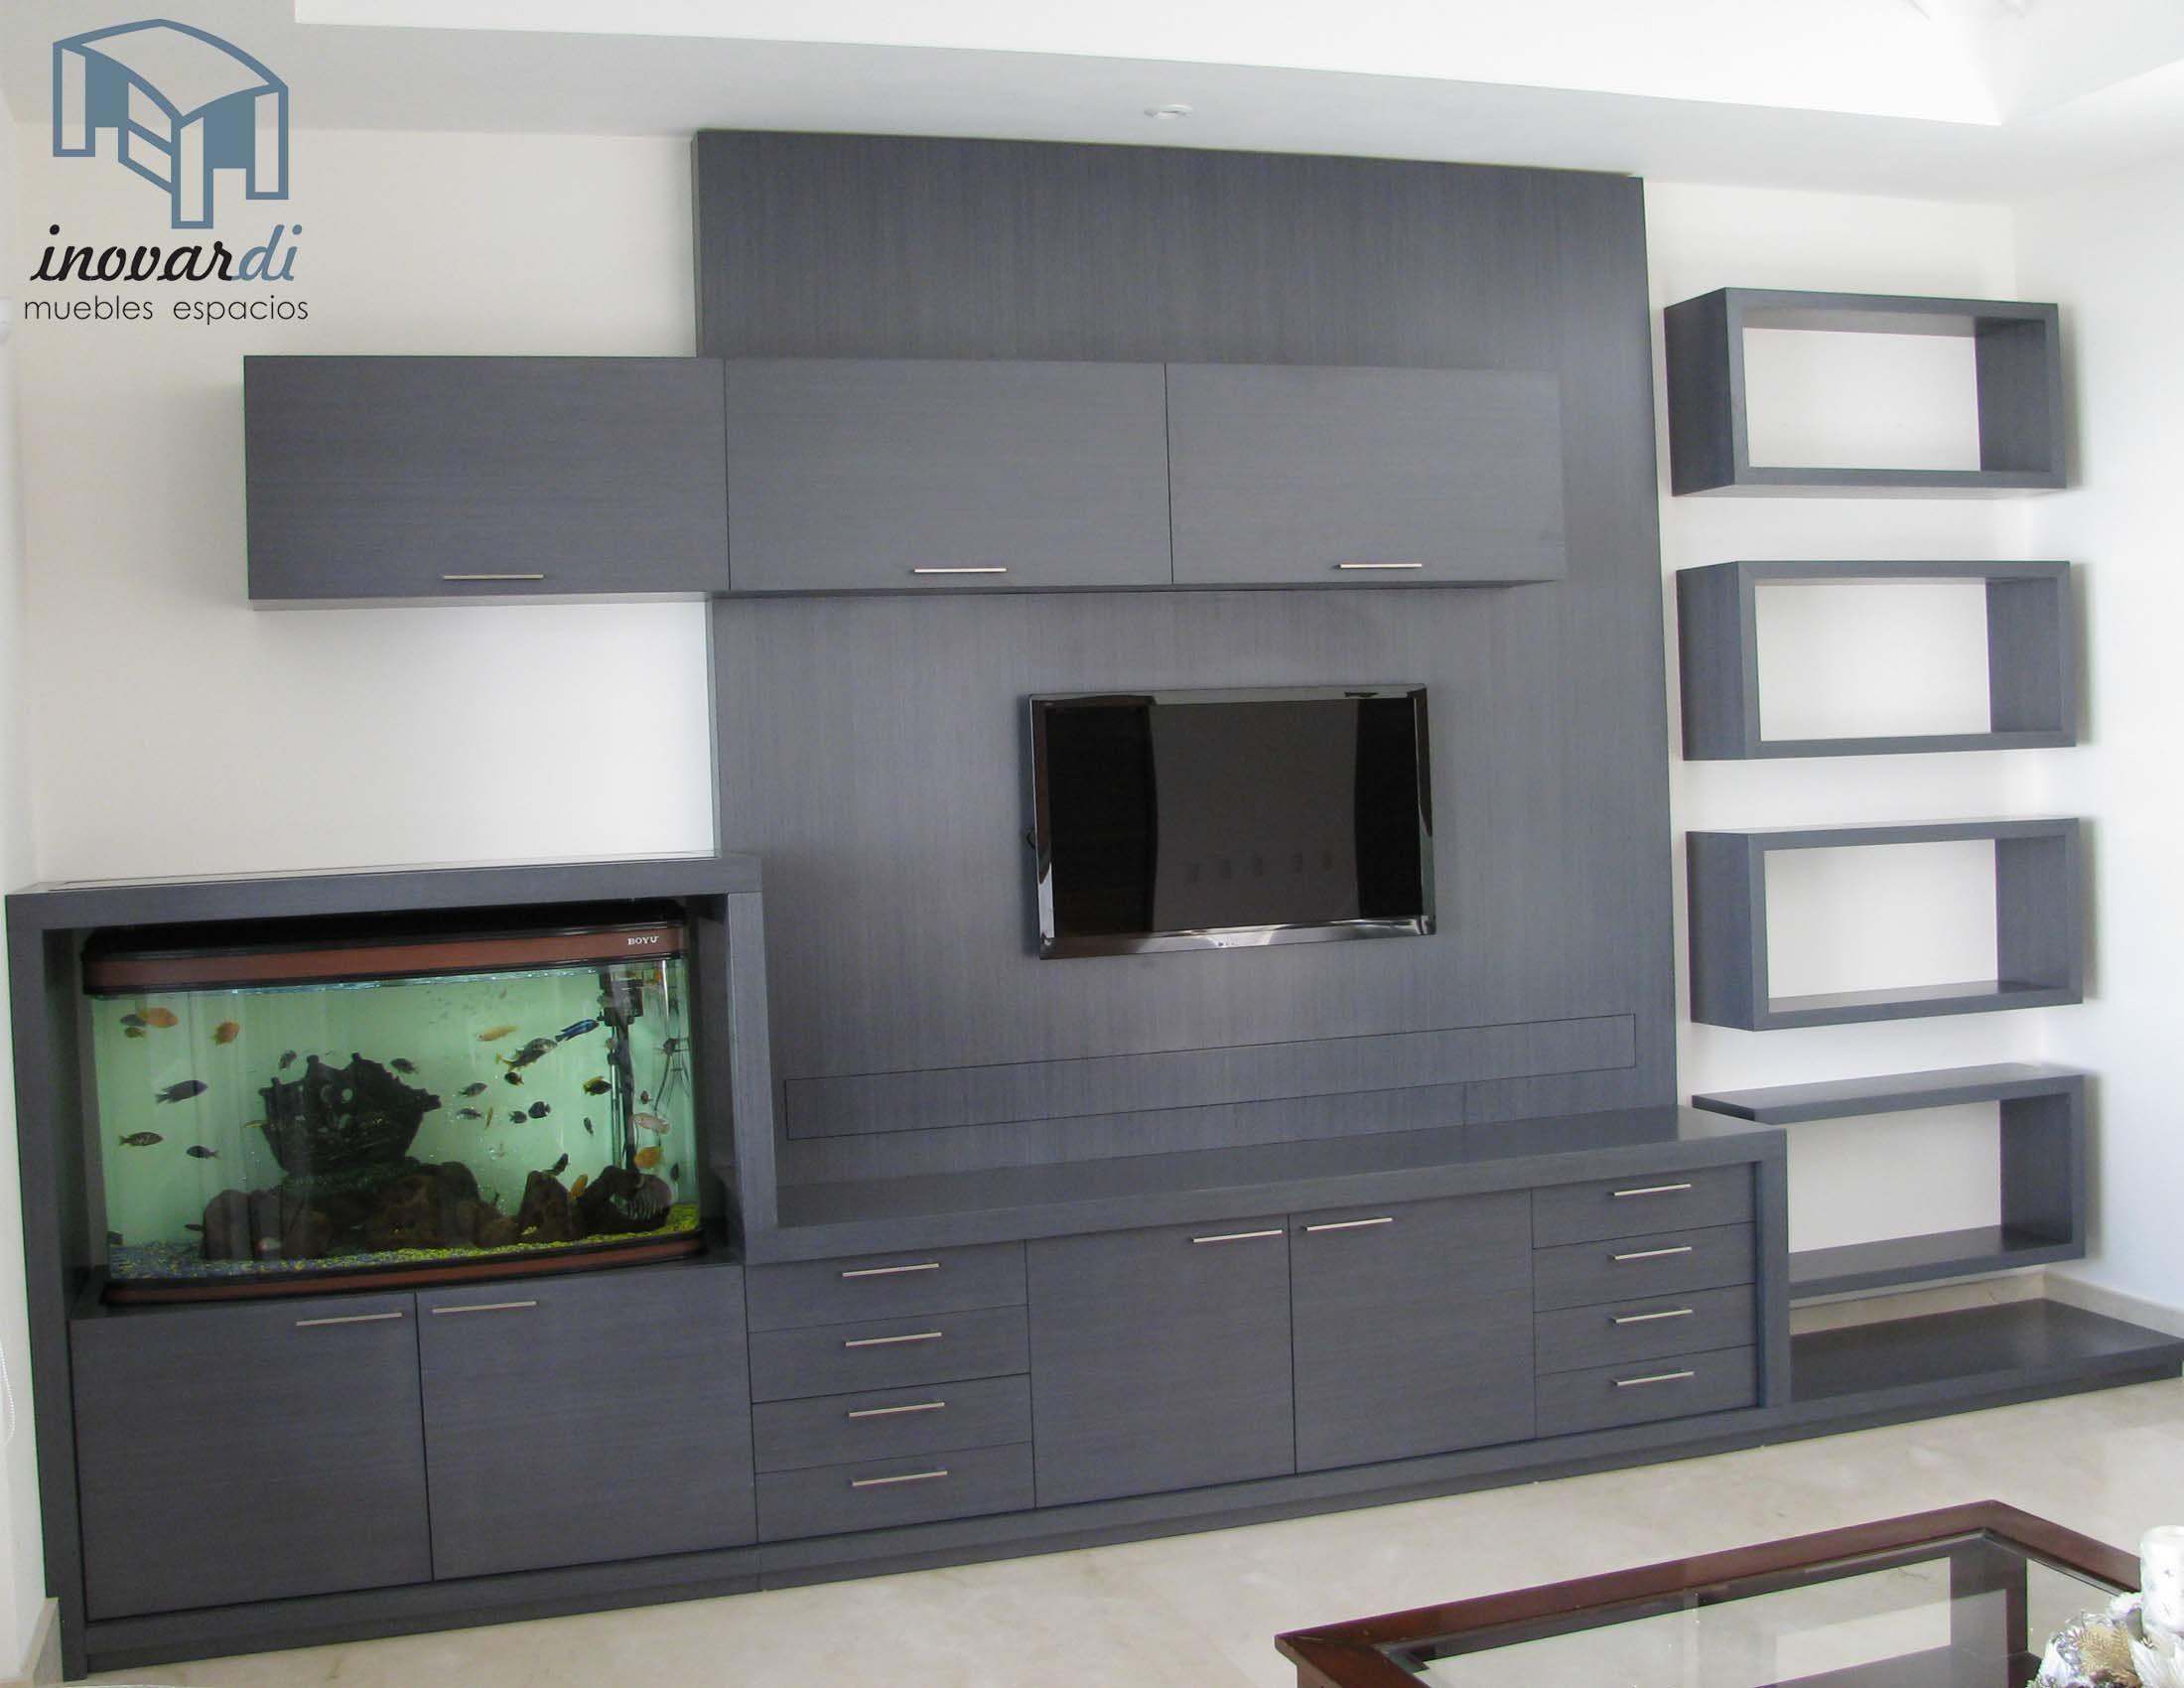 Centro de entretenimiento con pecera decoraci n hogar en - Pecera de pared ...